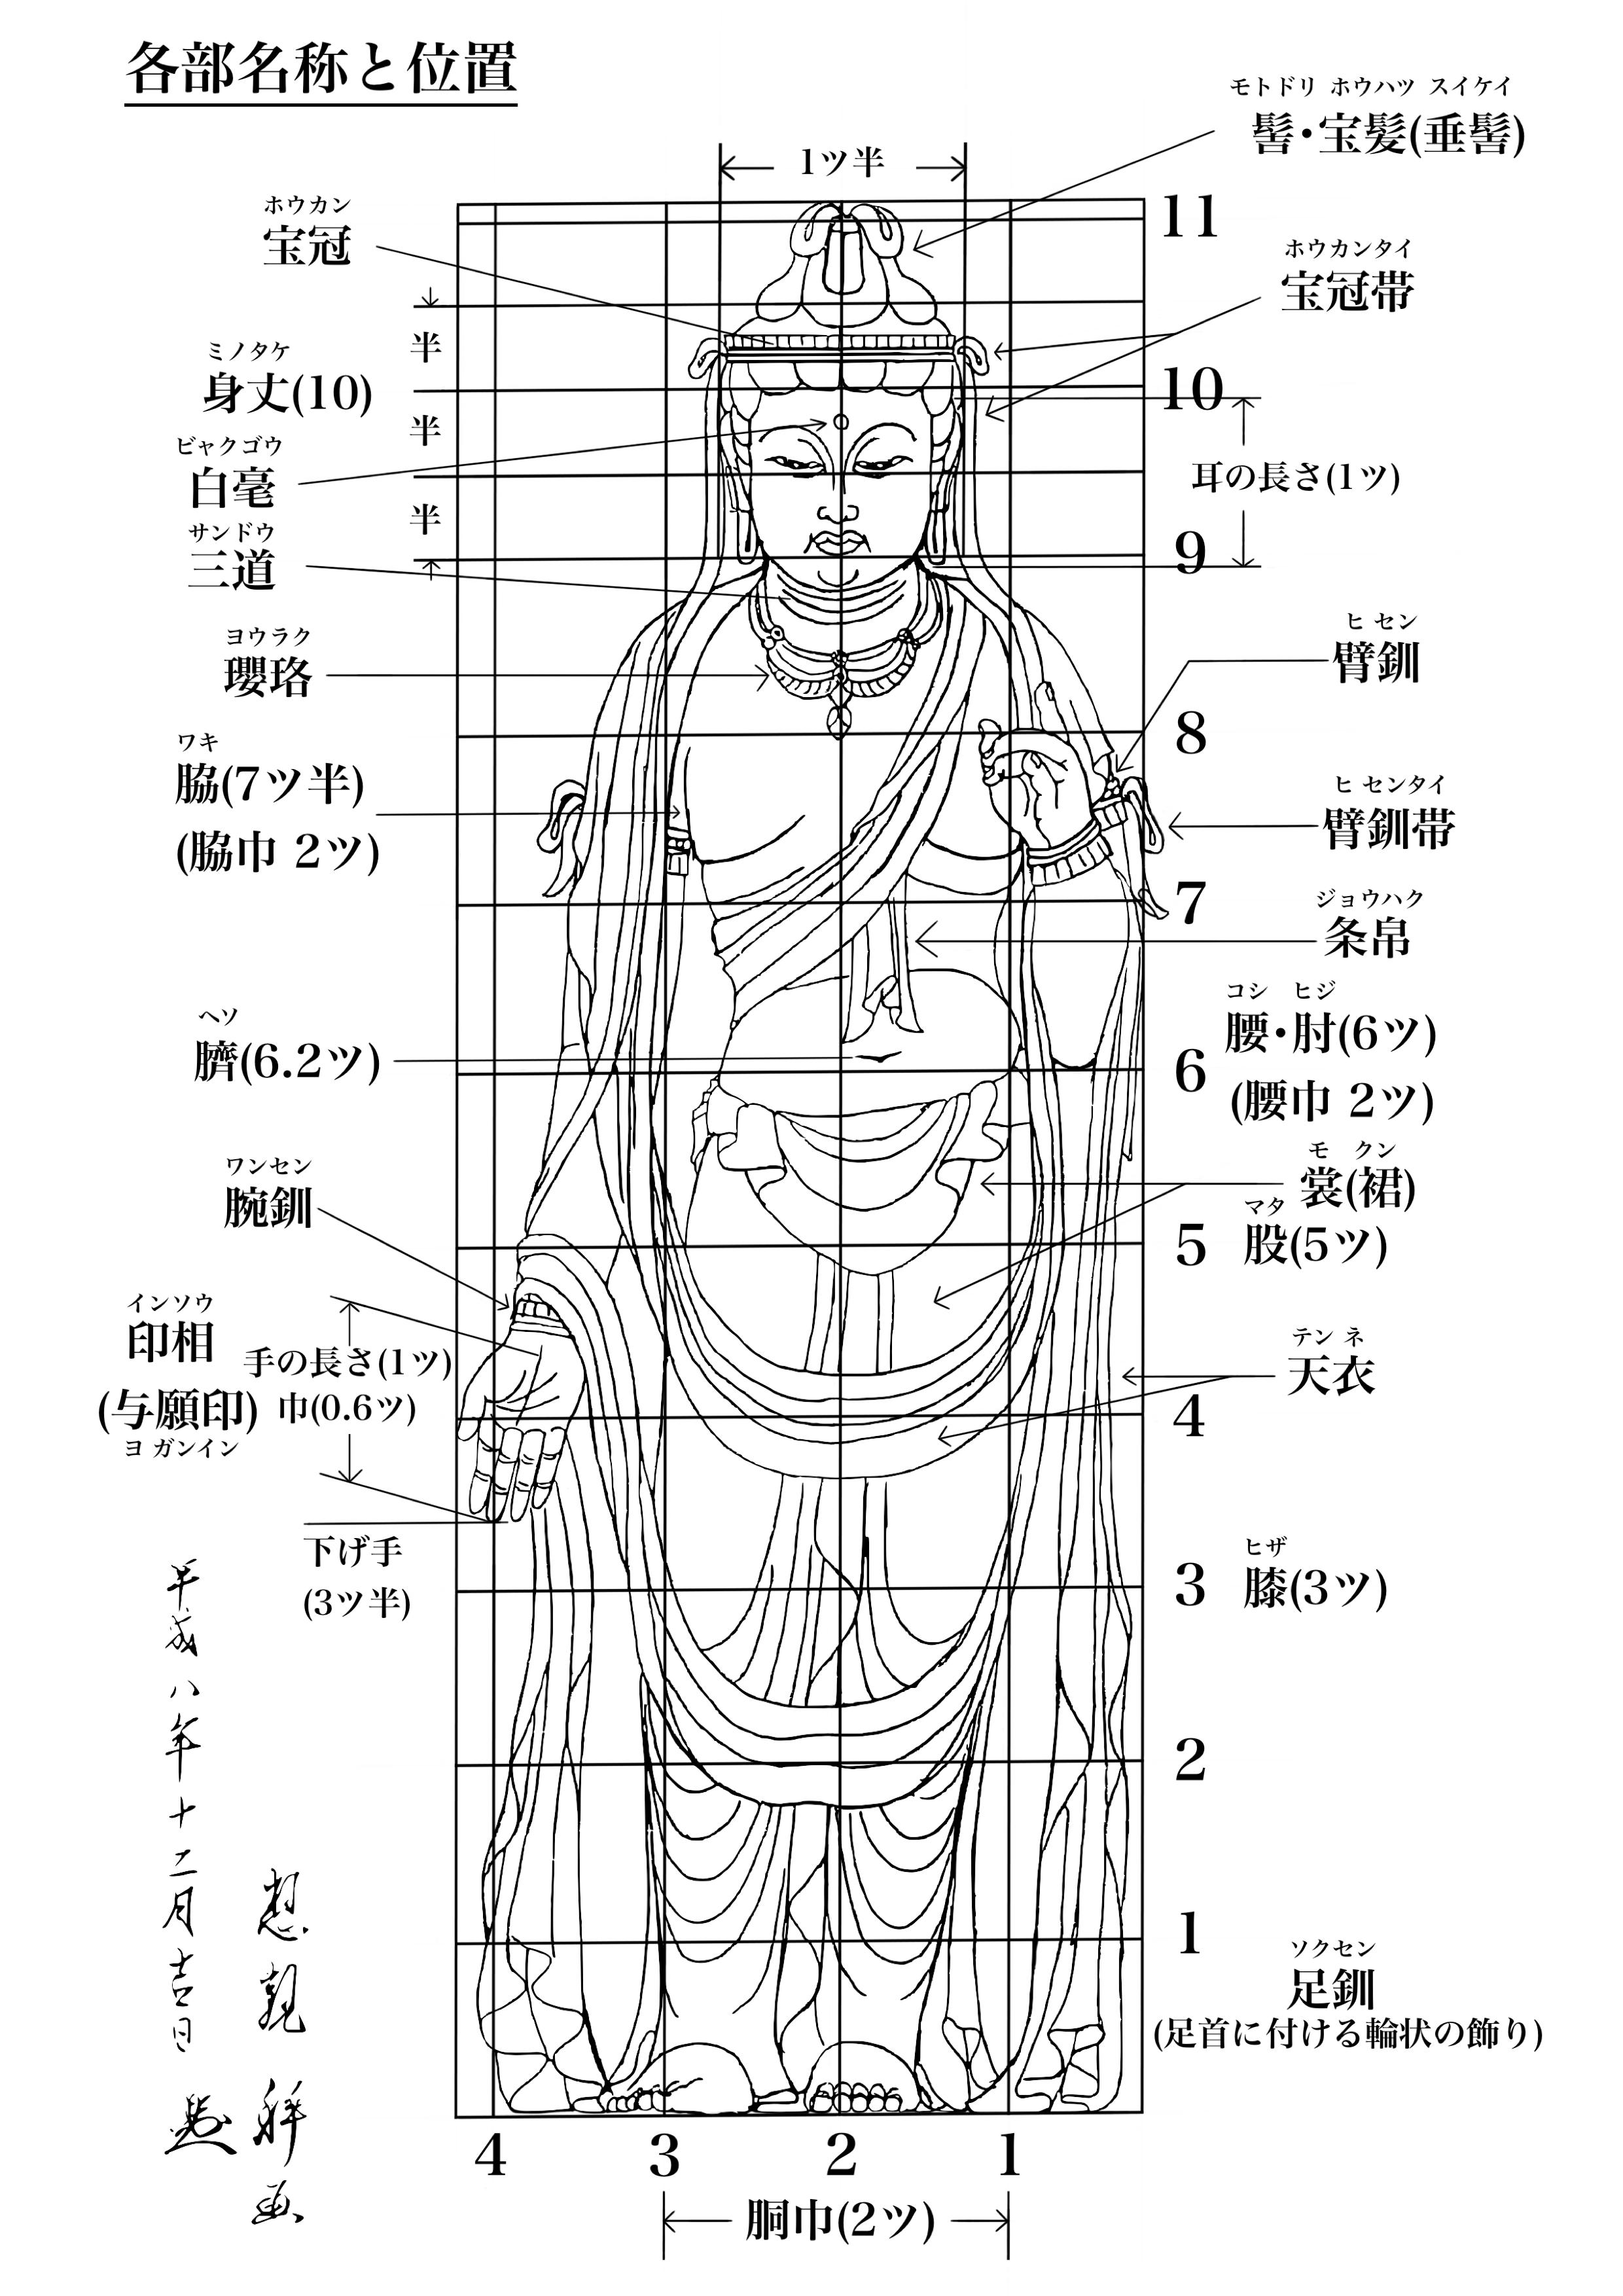 仏像の各部名称と位置・下絵・図面